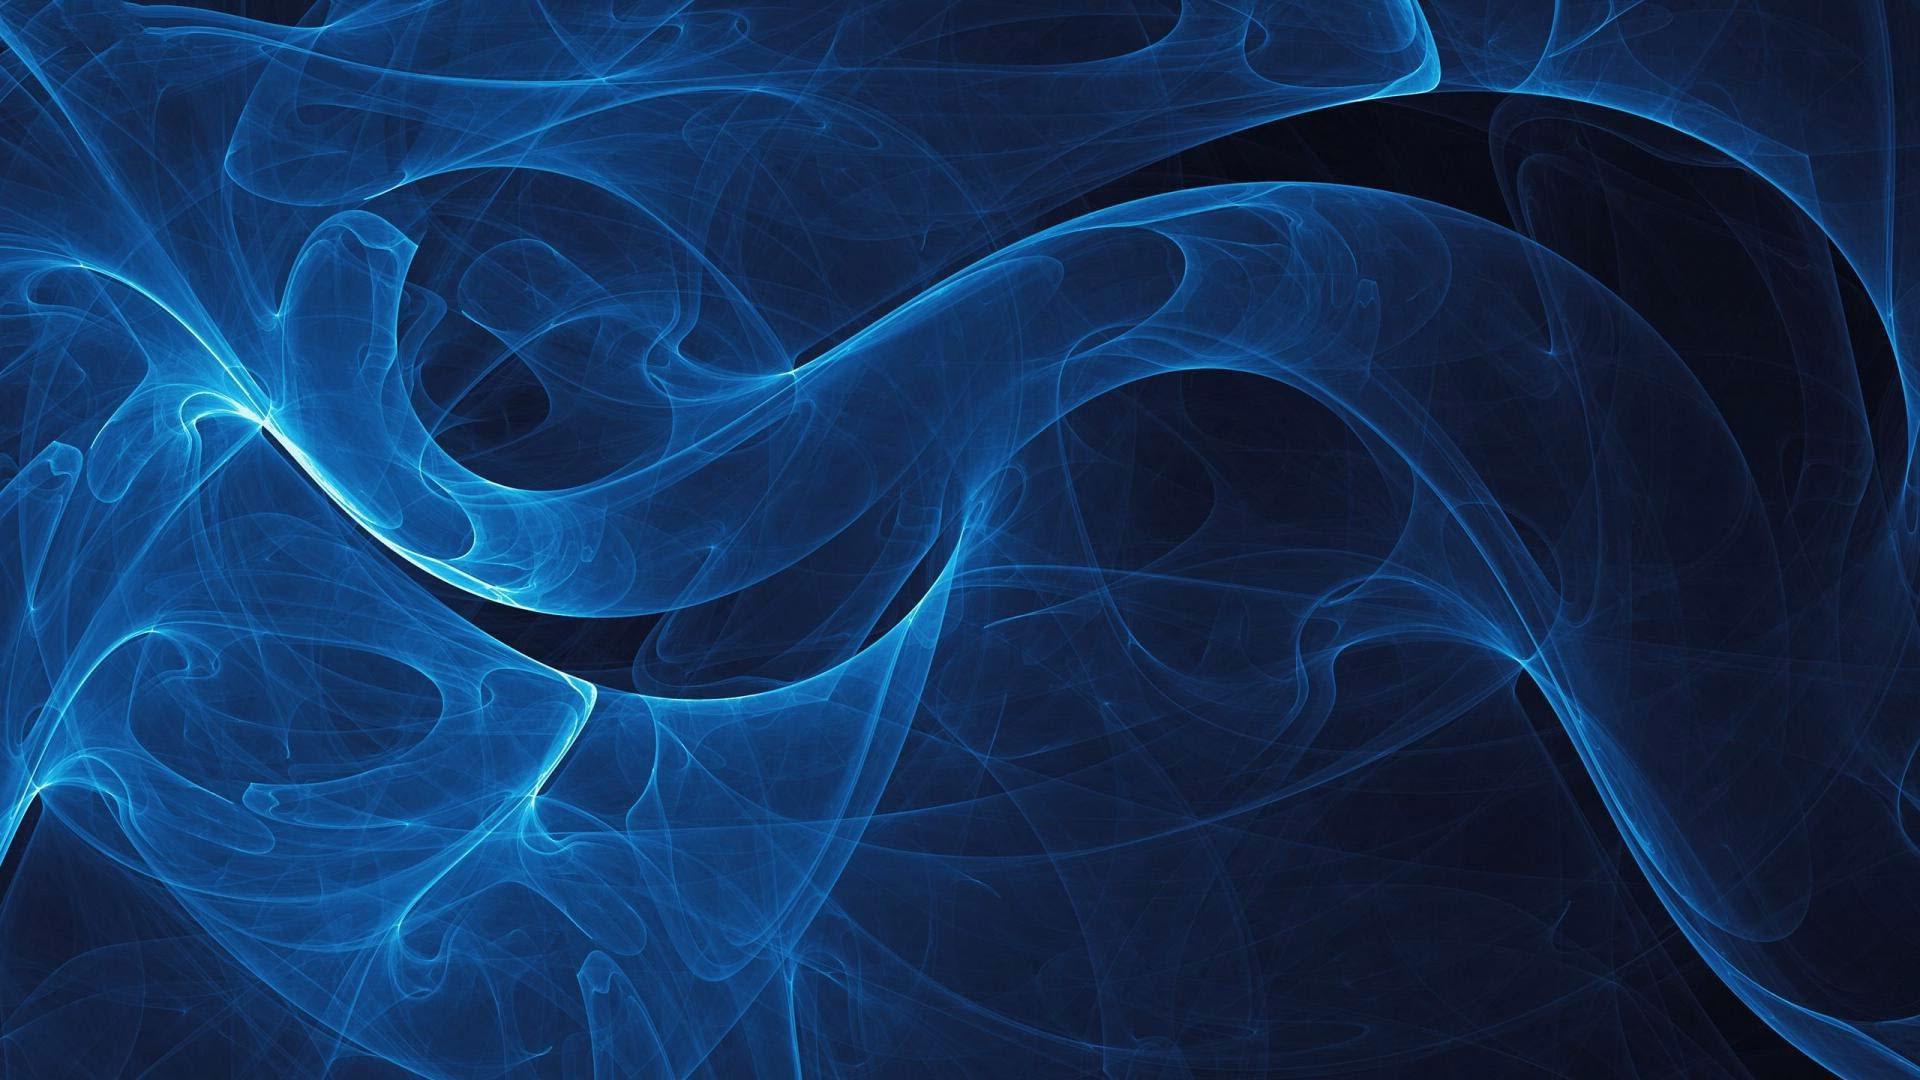 Fonds d 39 cran abstrait bleu maximumwall for Fond ecran photo 4k